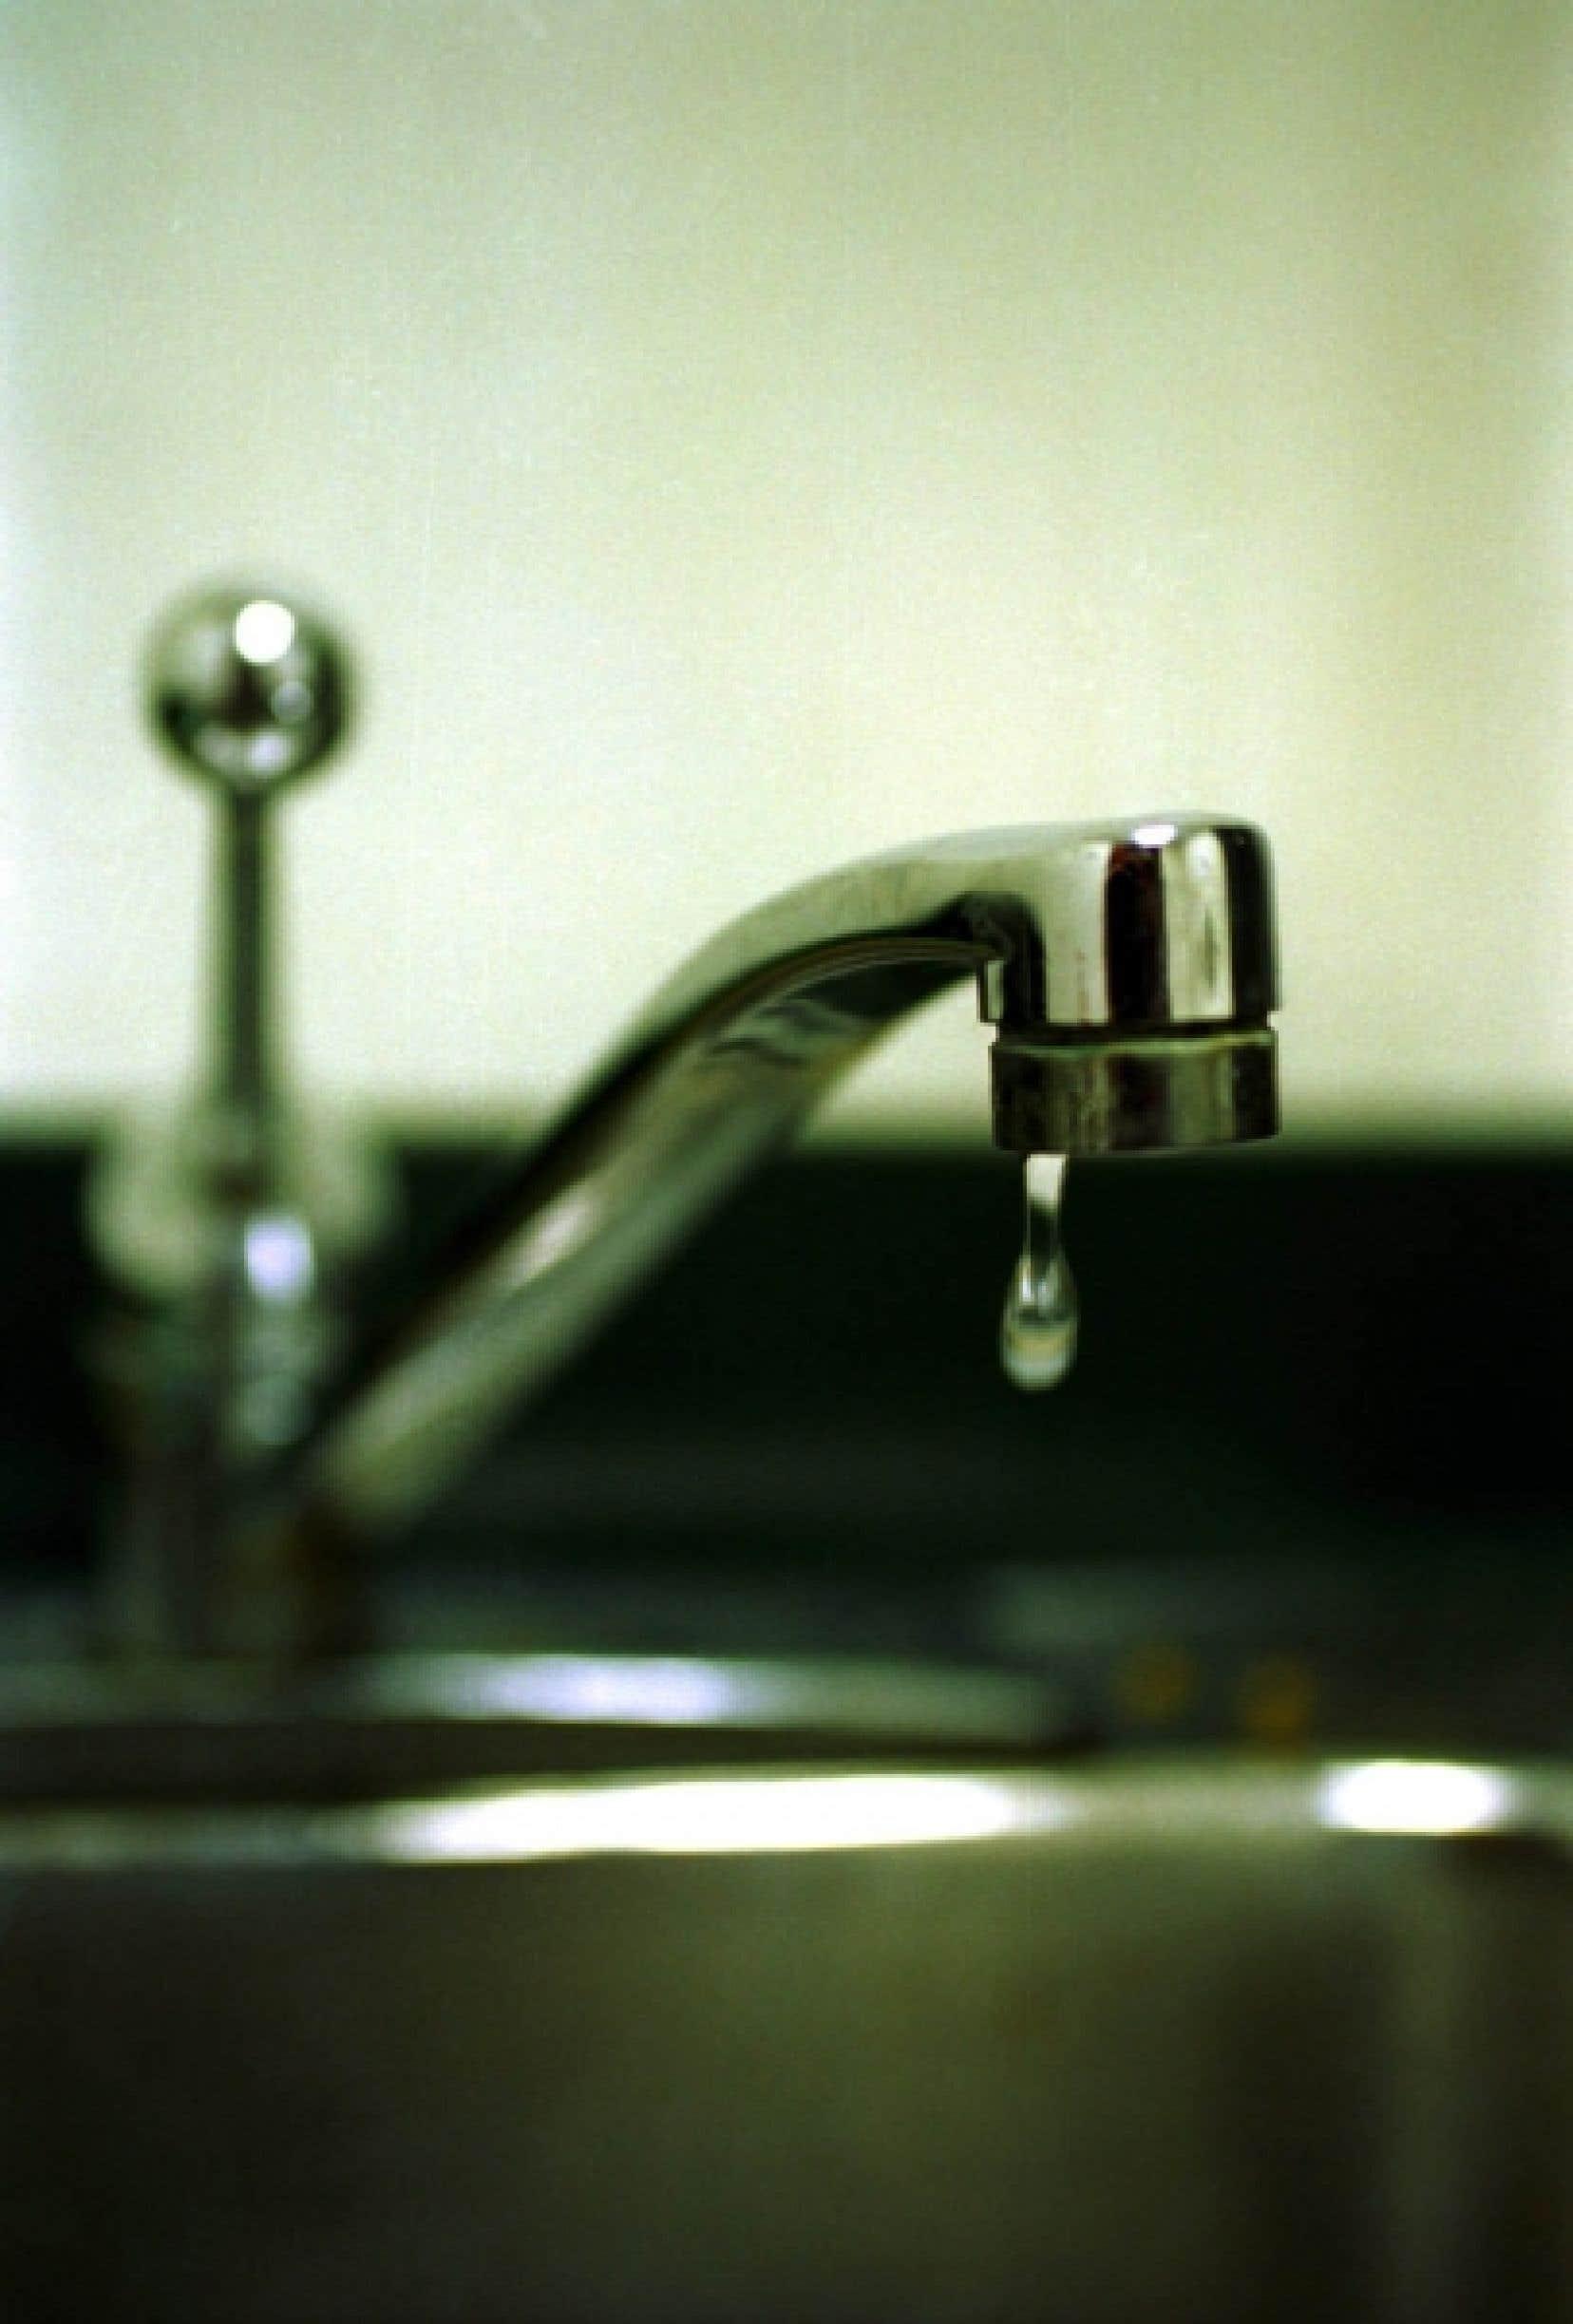 Le but est de s'assurer que les eaux brutes ne posent aucun risque, même lors de défaillances des équipements de traitement.<br />